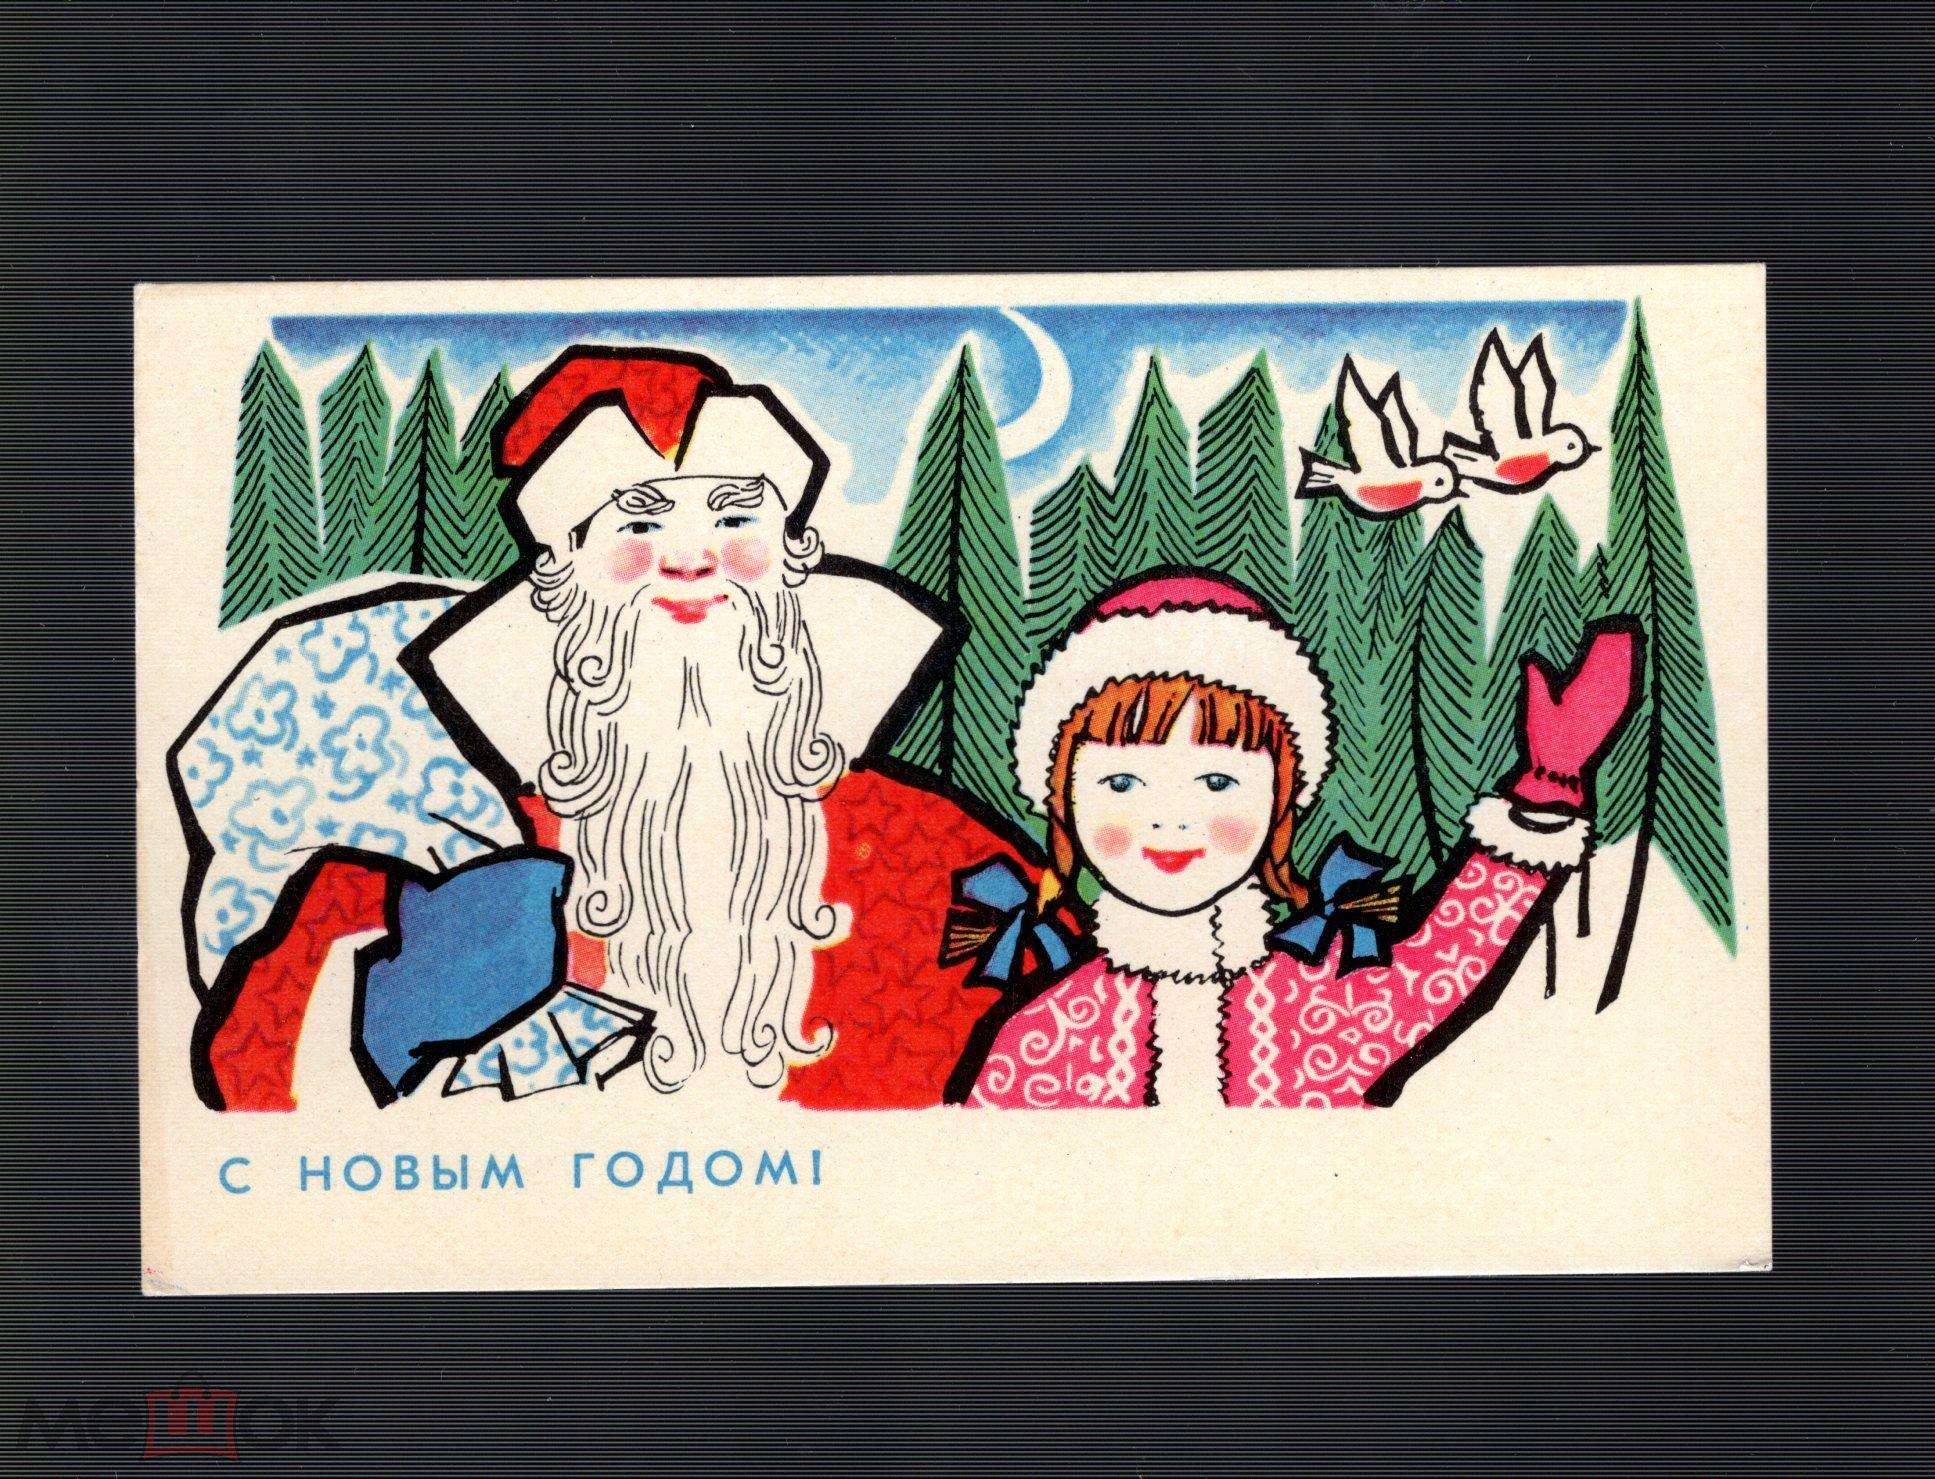 Открытка 1968 года цена советский художник, днем